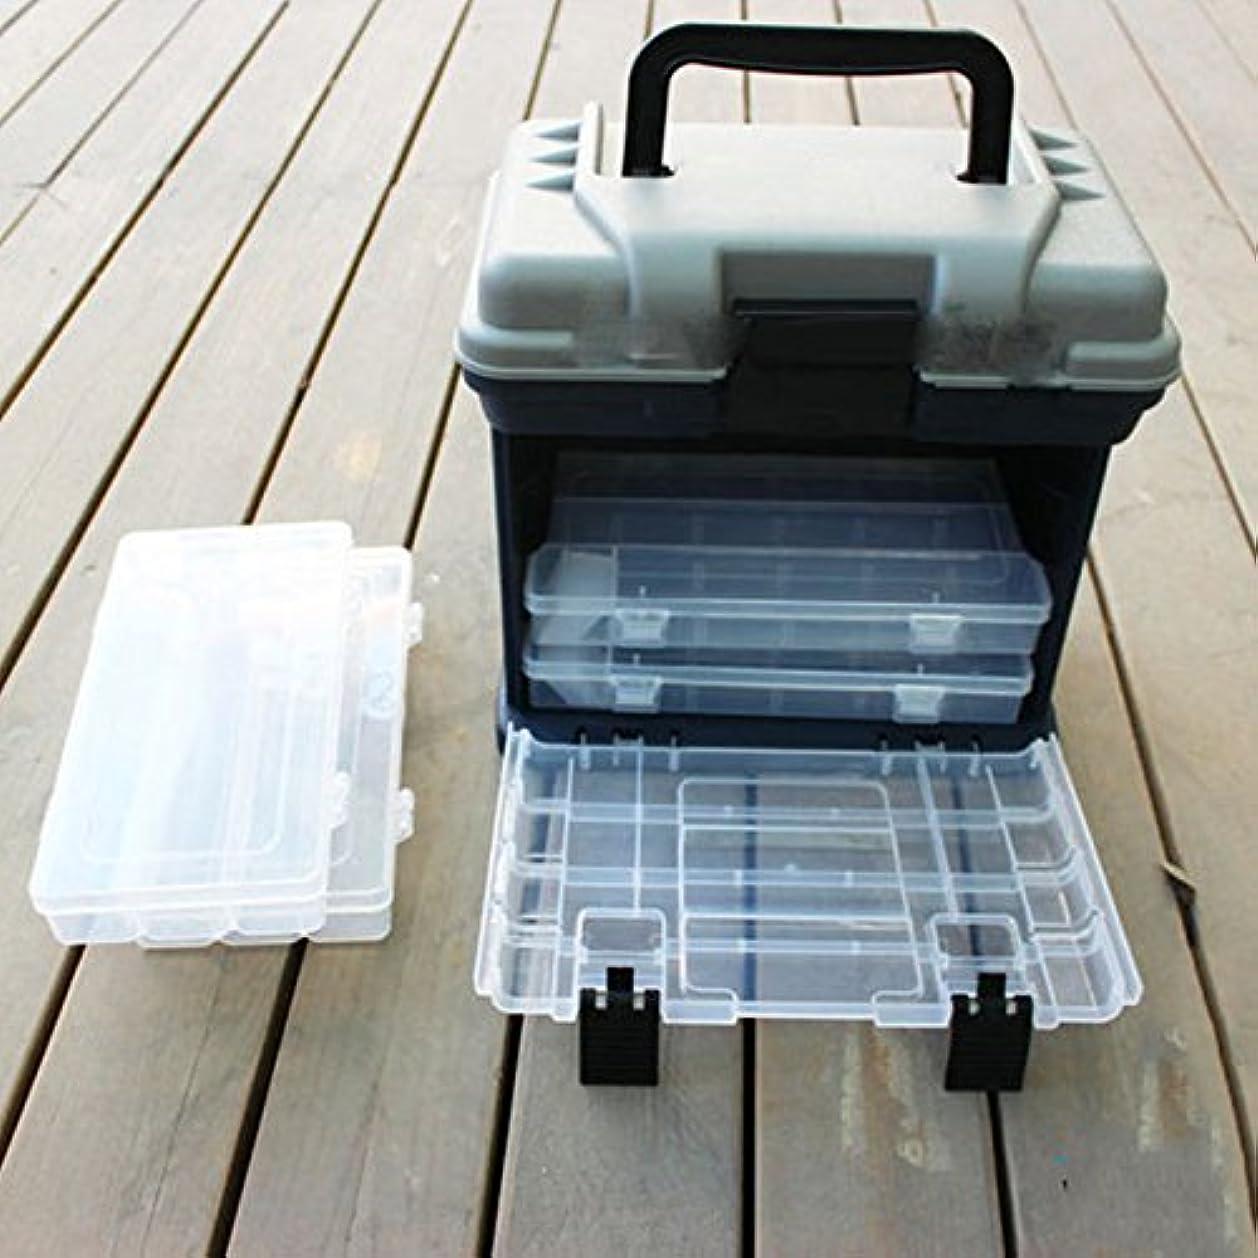 ガチョウ技術者コンプリート釣りタックルボックス、ポータブルアウトドア5層の大きな釣具タックルツール収納ボックスケースハンドル付き